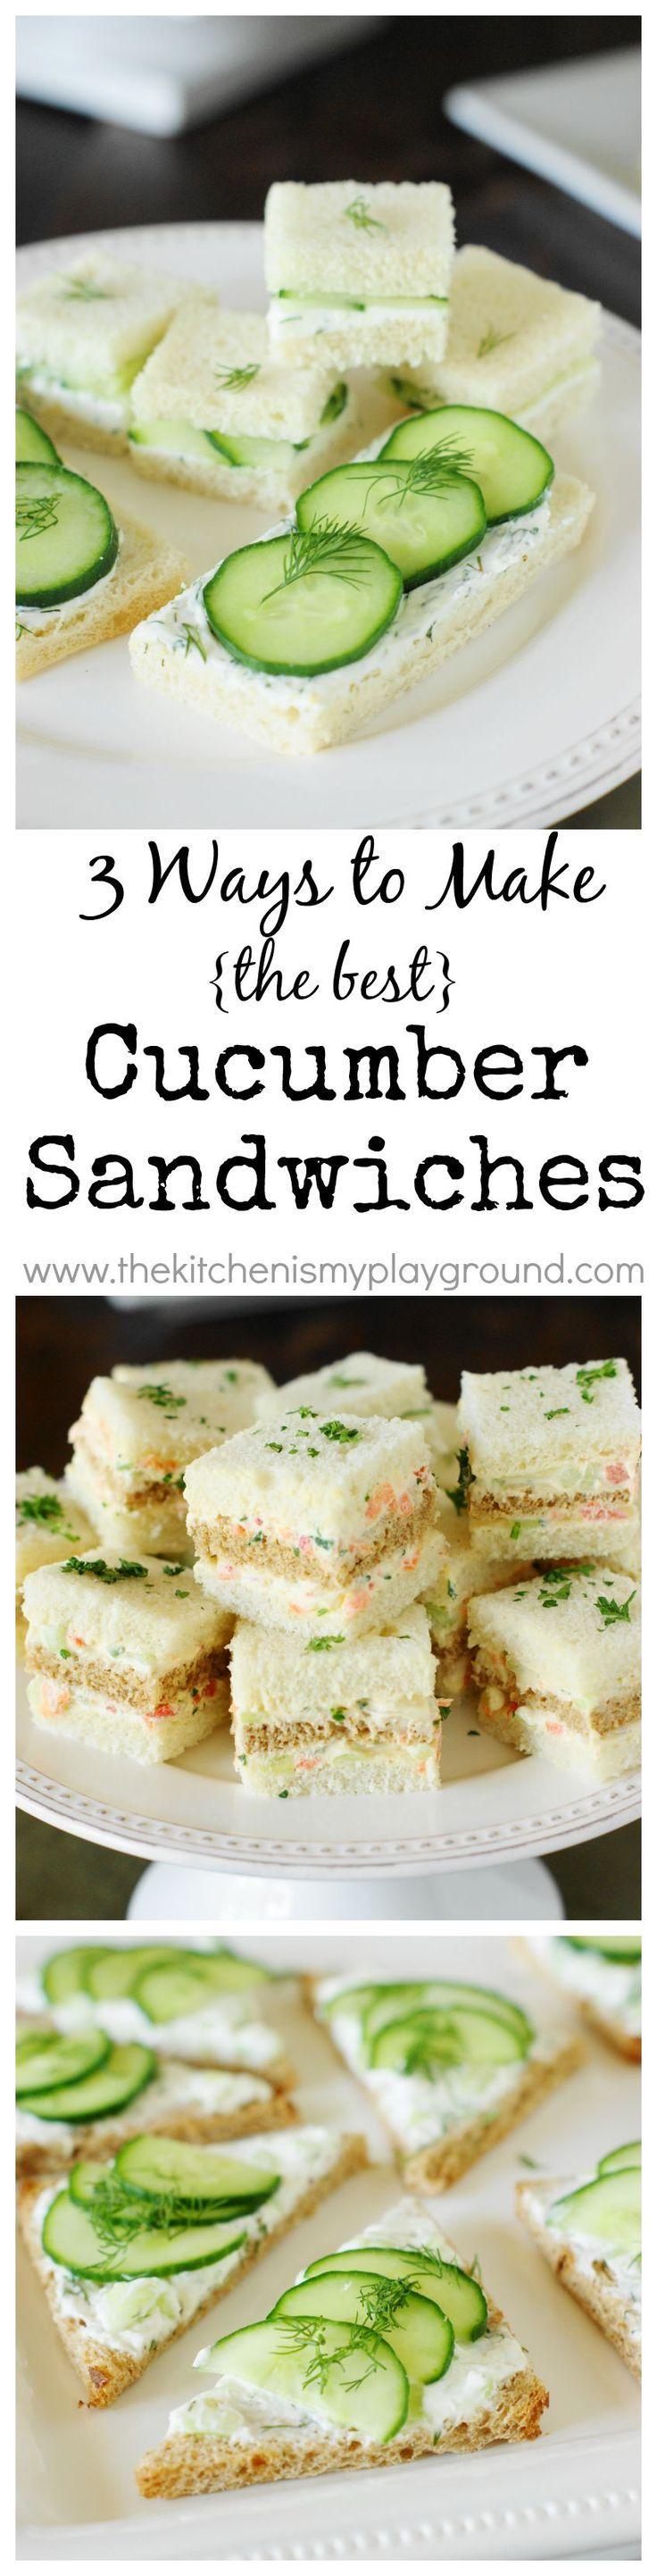 Cucumber Tea Sandwiches ~ 3 spreads & 3 ways! http://www.thekitchenismyplayground.com